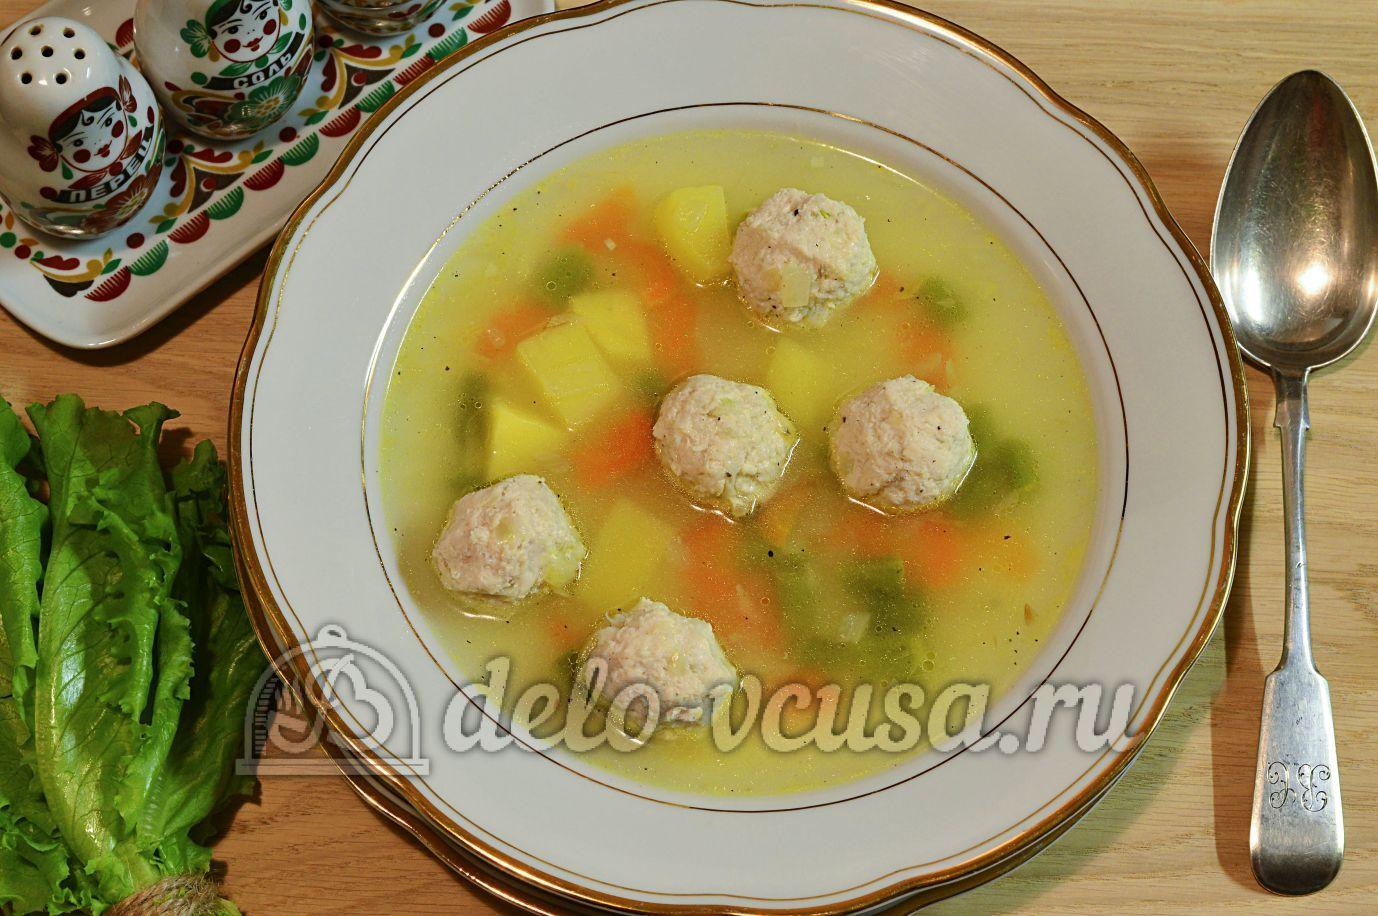 Суп с фрикадельками куриными рецепт с пошагово в